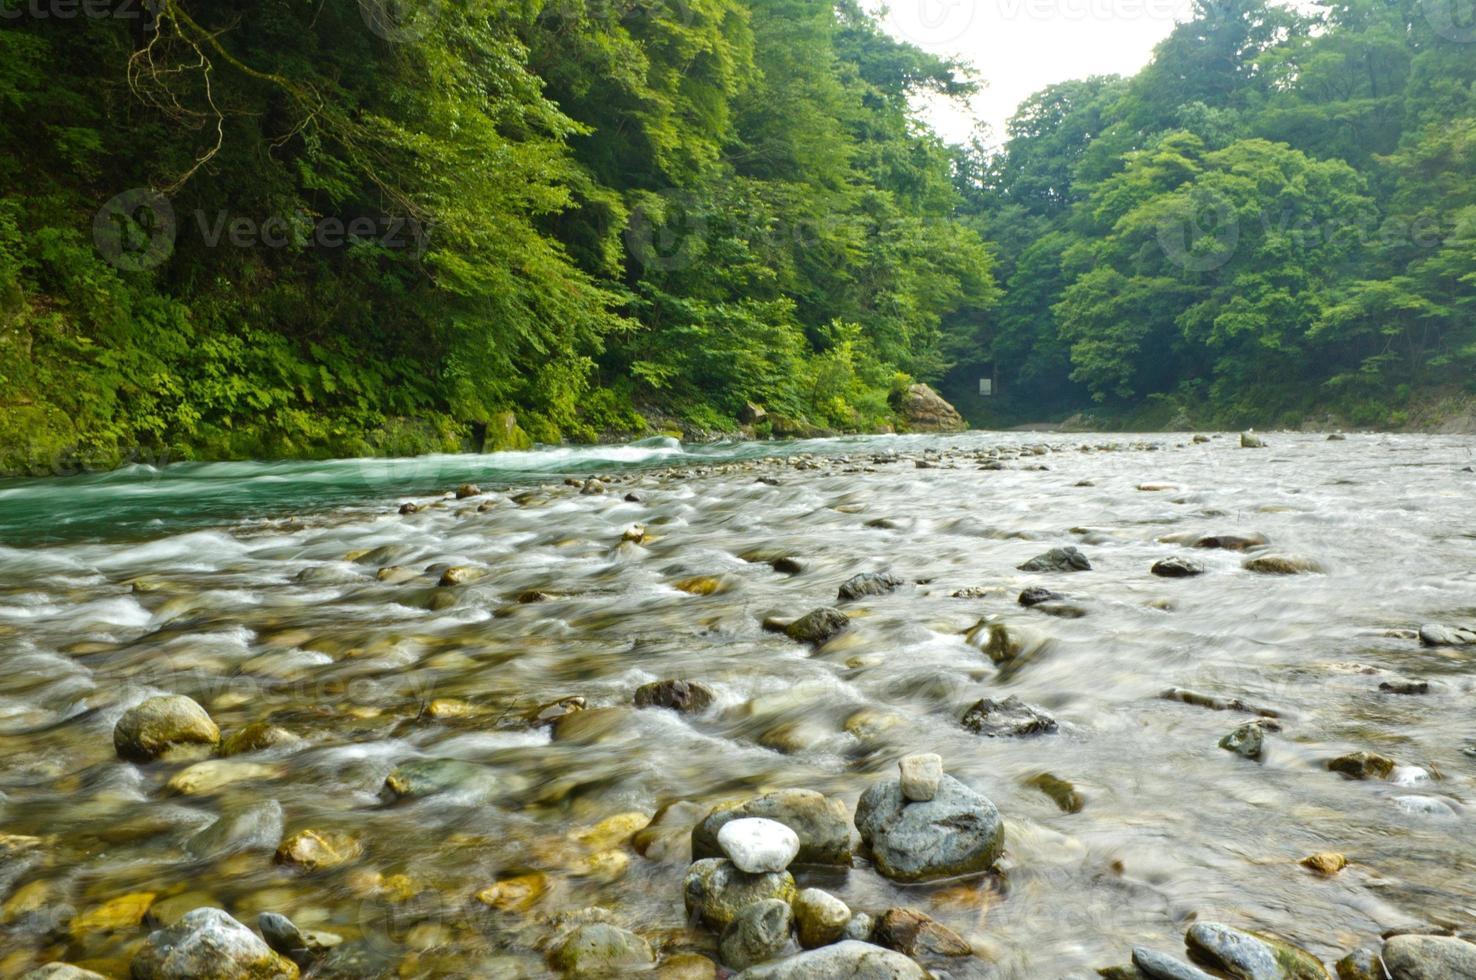 fiume ghiaioso foto